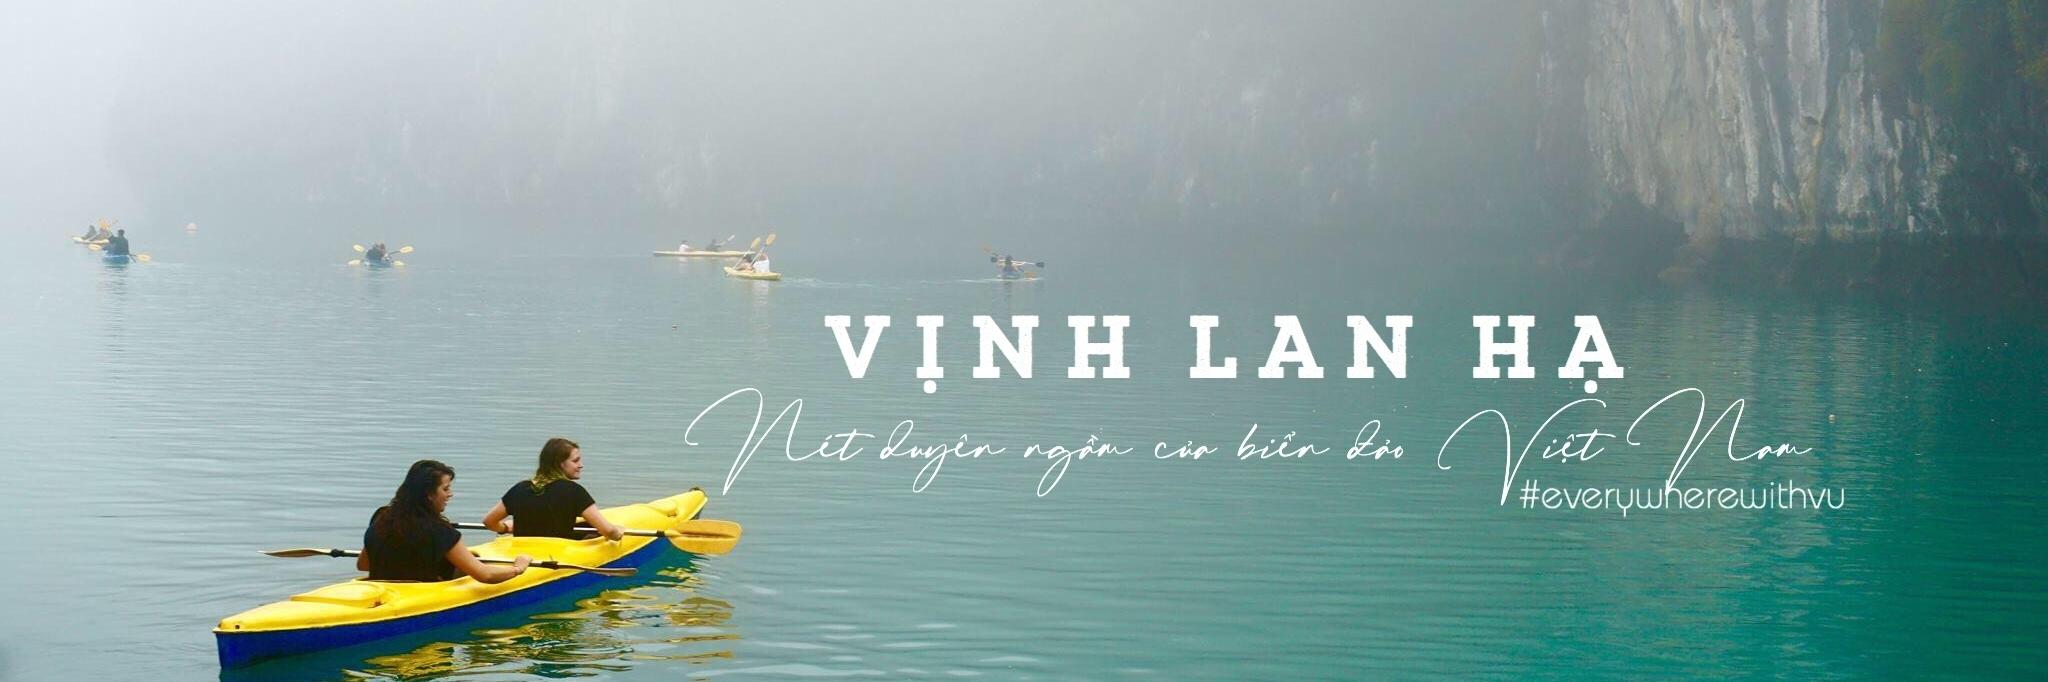 https://gody.vn/blog/phuocvu23089146/post/vinh-lan-ha-net-duyen-ngam-bien-dao-viet-nam-5536